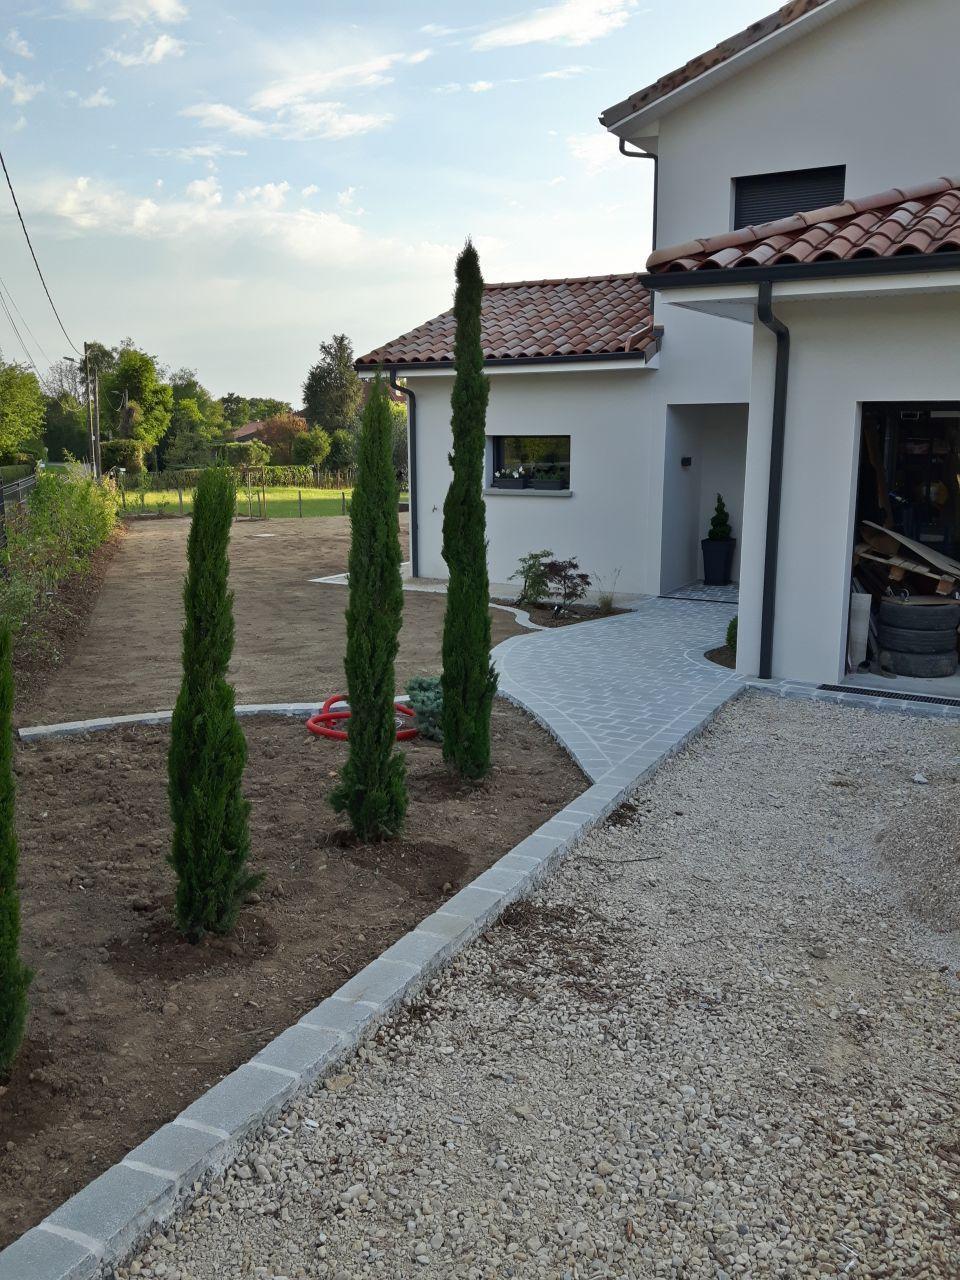 Massif | Aménagement Jardin Devant Maison, Entree De Maison ... tout Massif Moderne Devant Maison